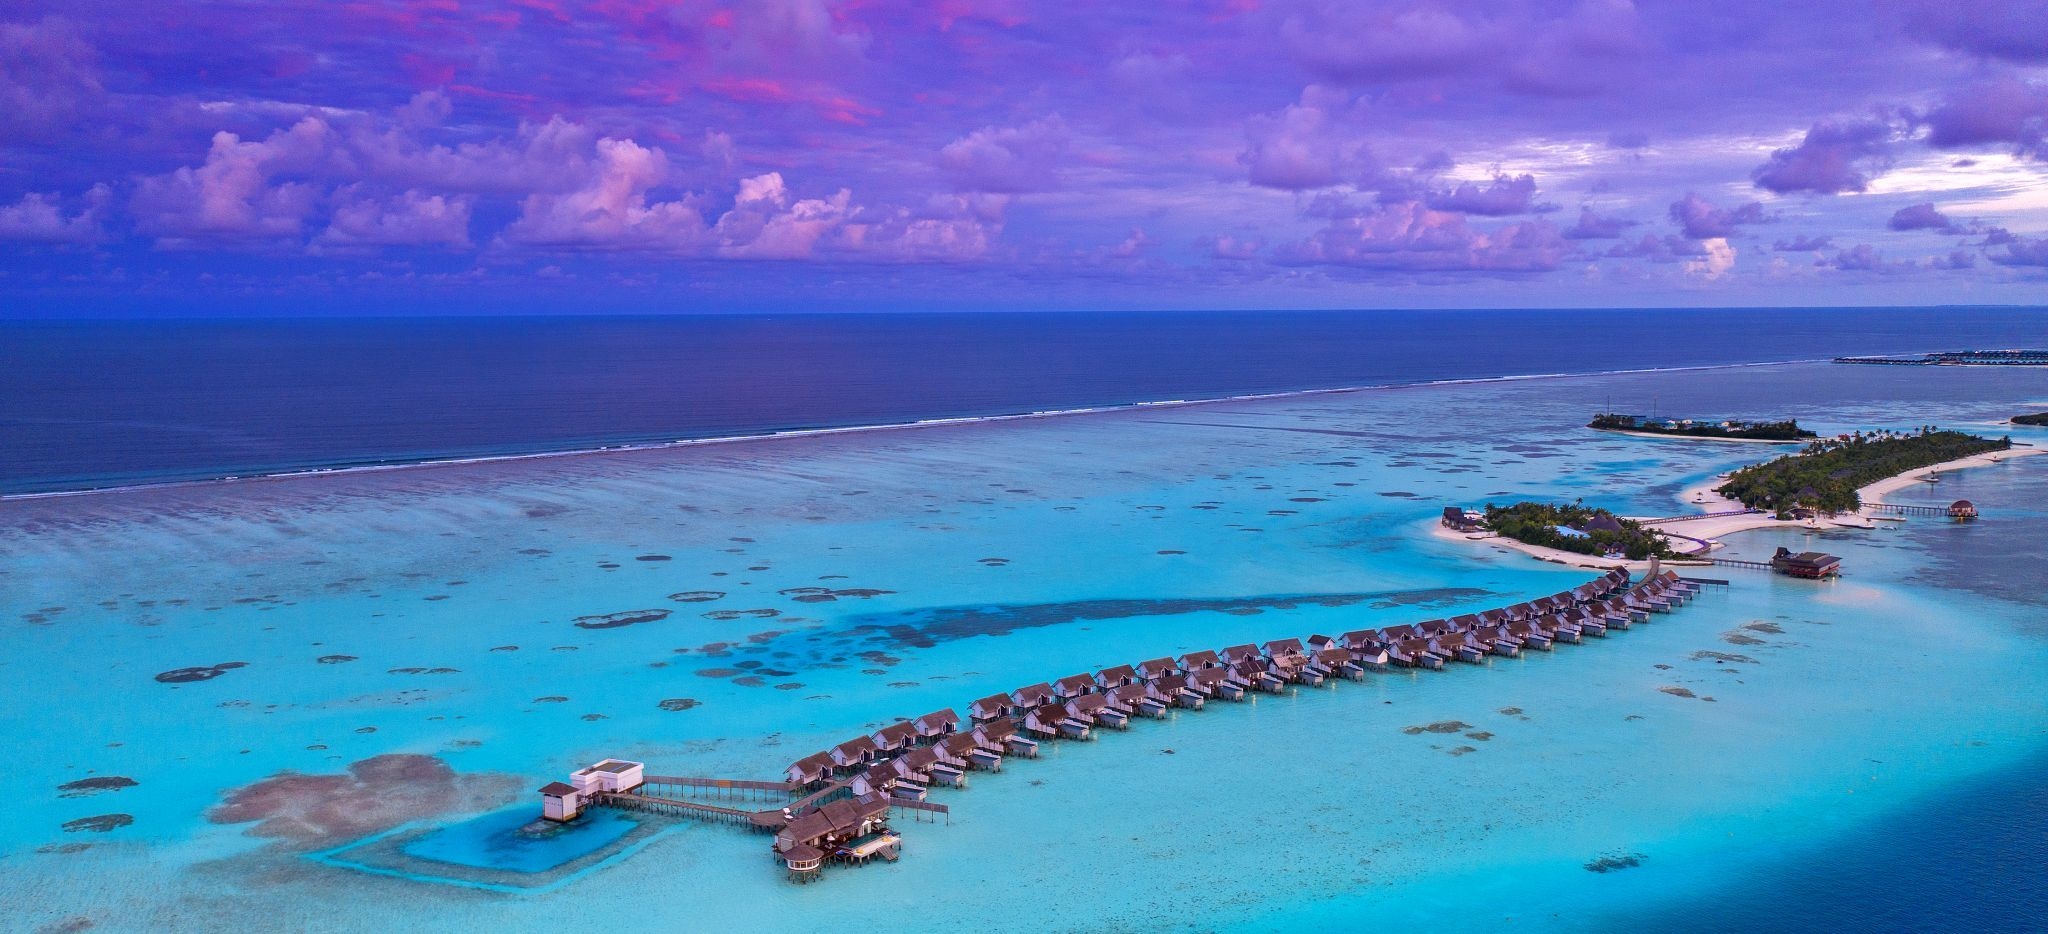 Luftaufnahme einer Malediven-Insel mit Wasservillen, das Hotel Ozen by Atmosphere im Abendlicht.